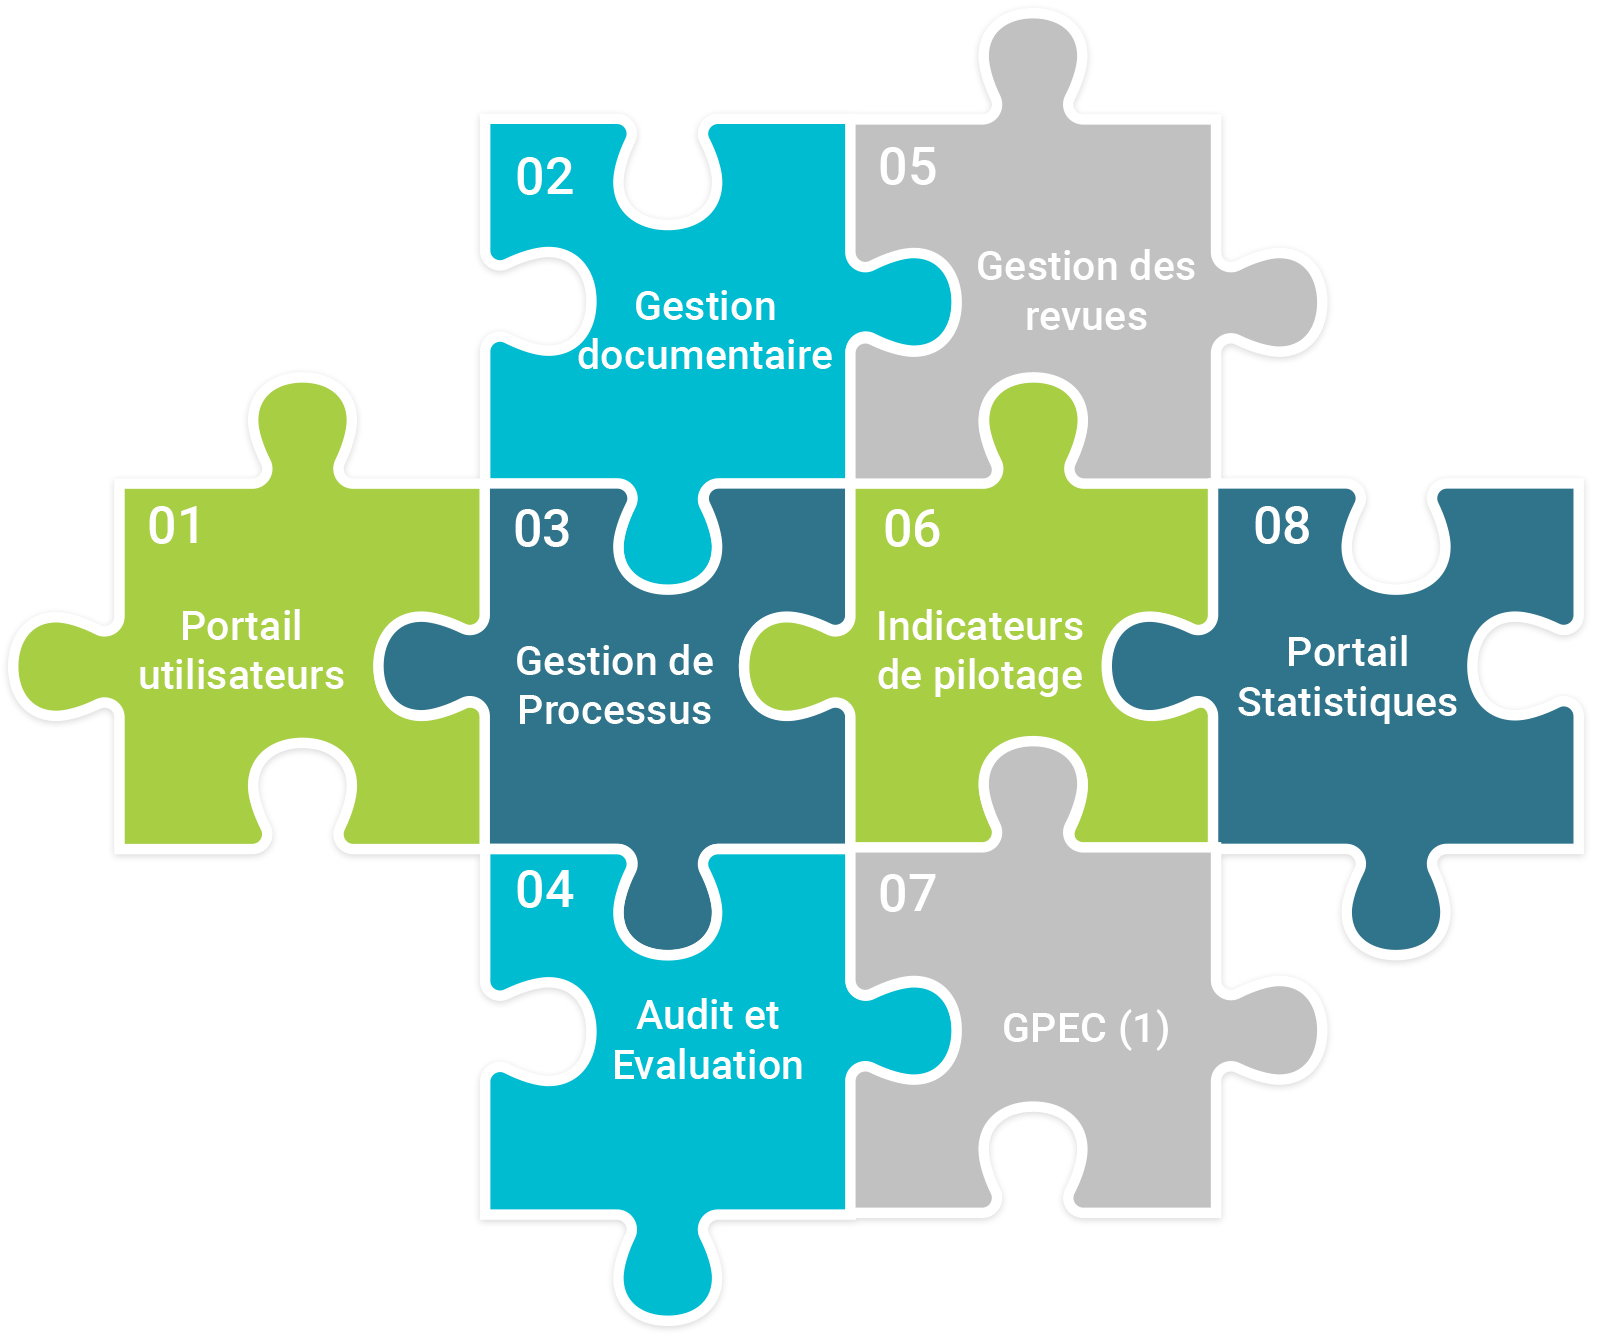 Avis NORMEA : Solution logicielle complète dédiée à la qualité - Appvizer